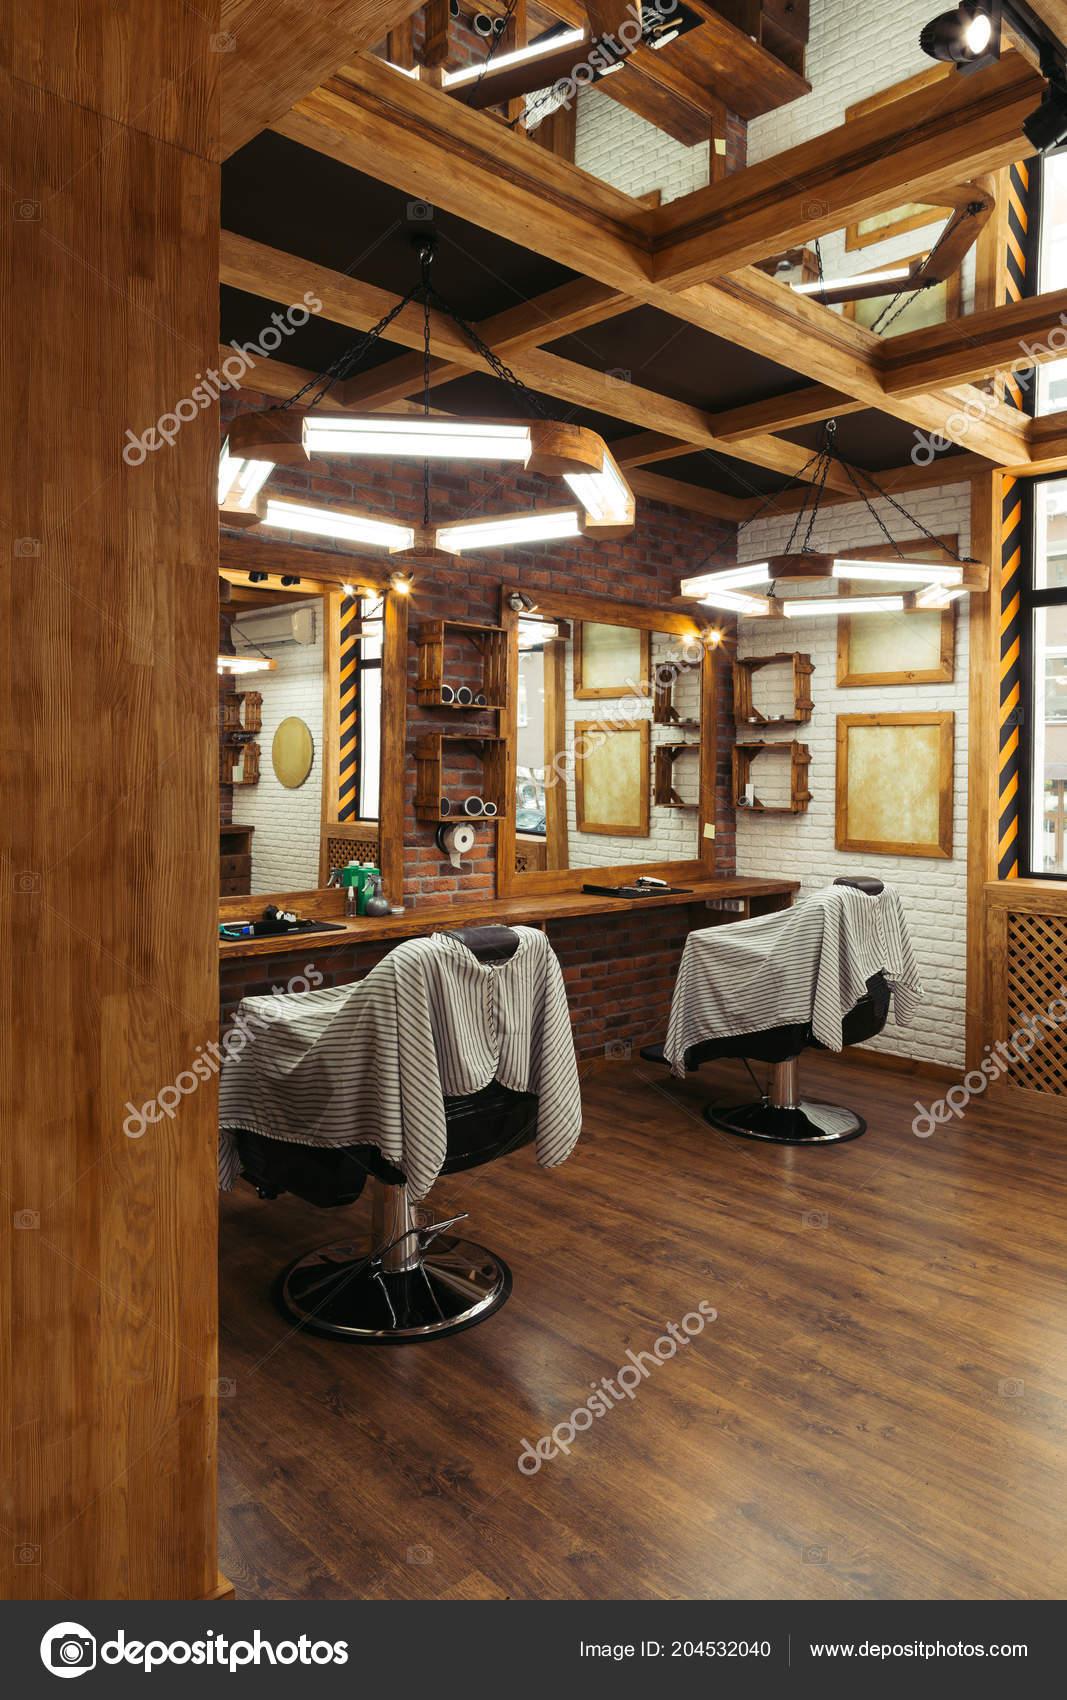 Chaises Vides Miroirs Salon Coiffure Moderne — Photographie ...